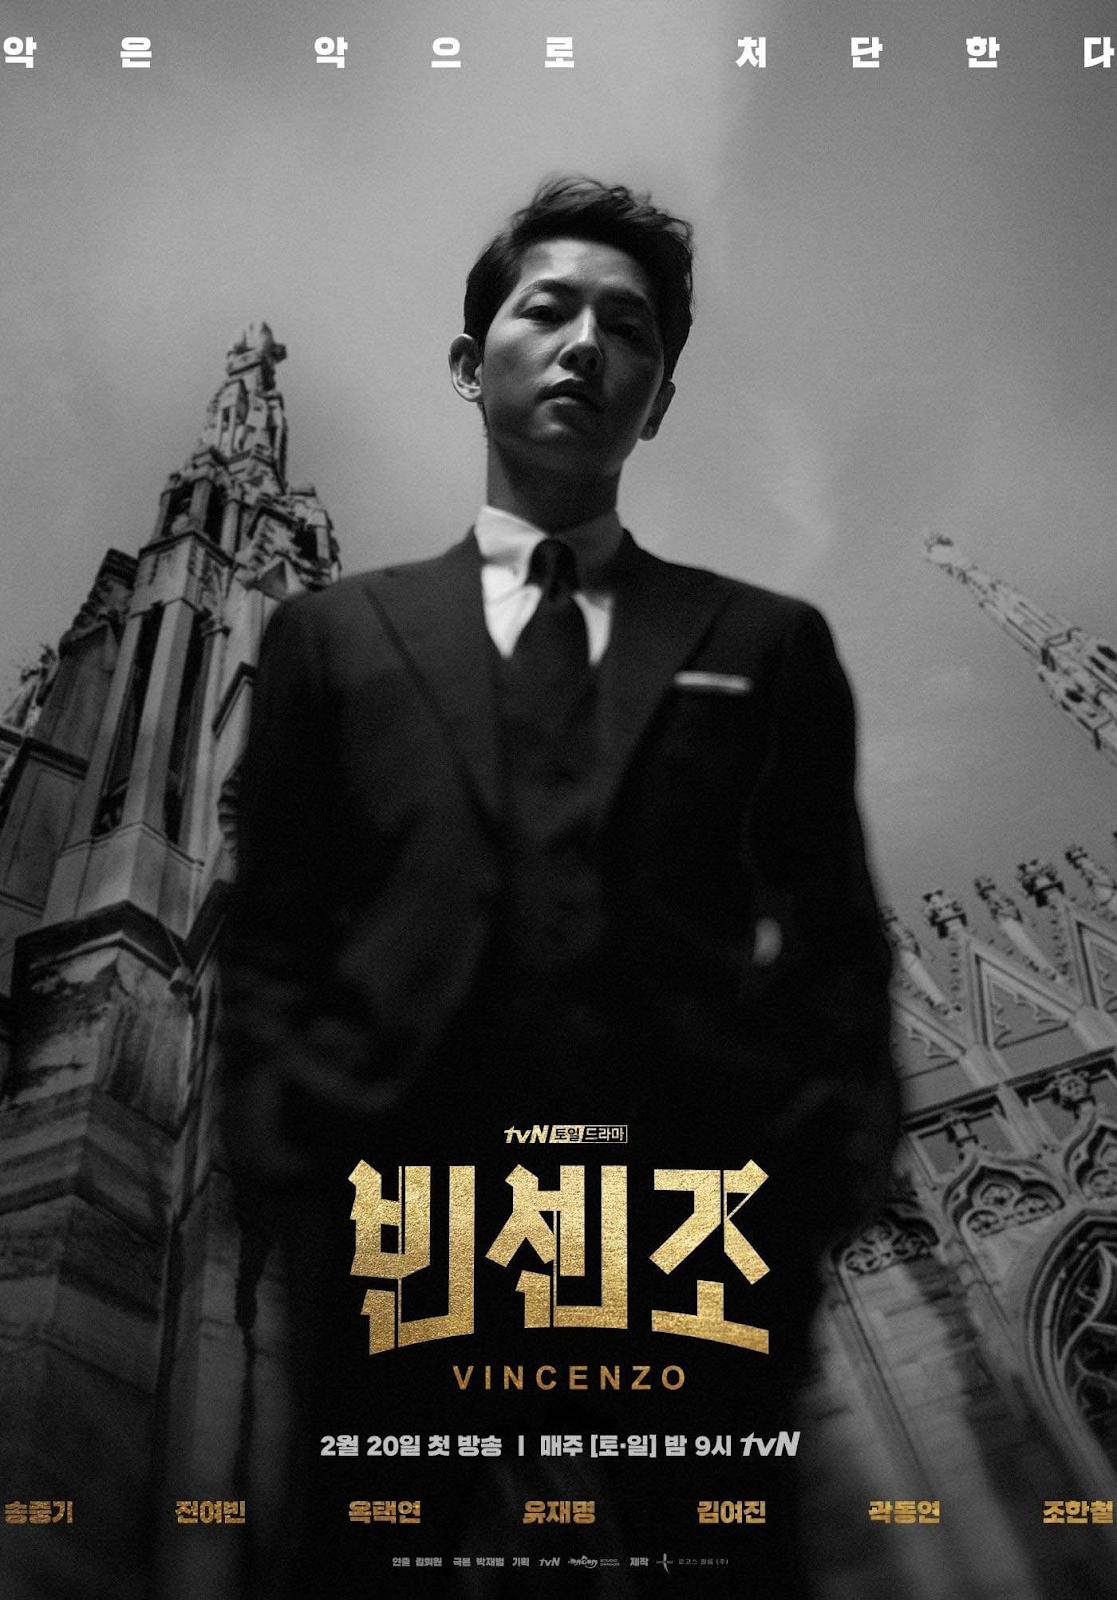 Song Joong Ki - phim vincenzo